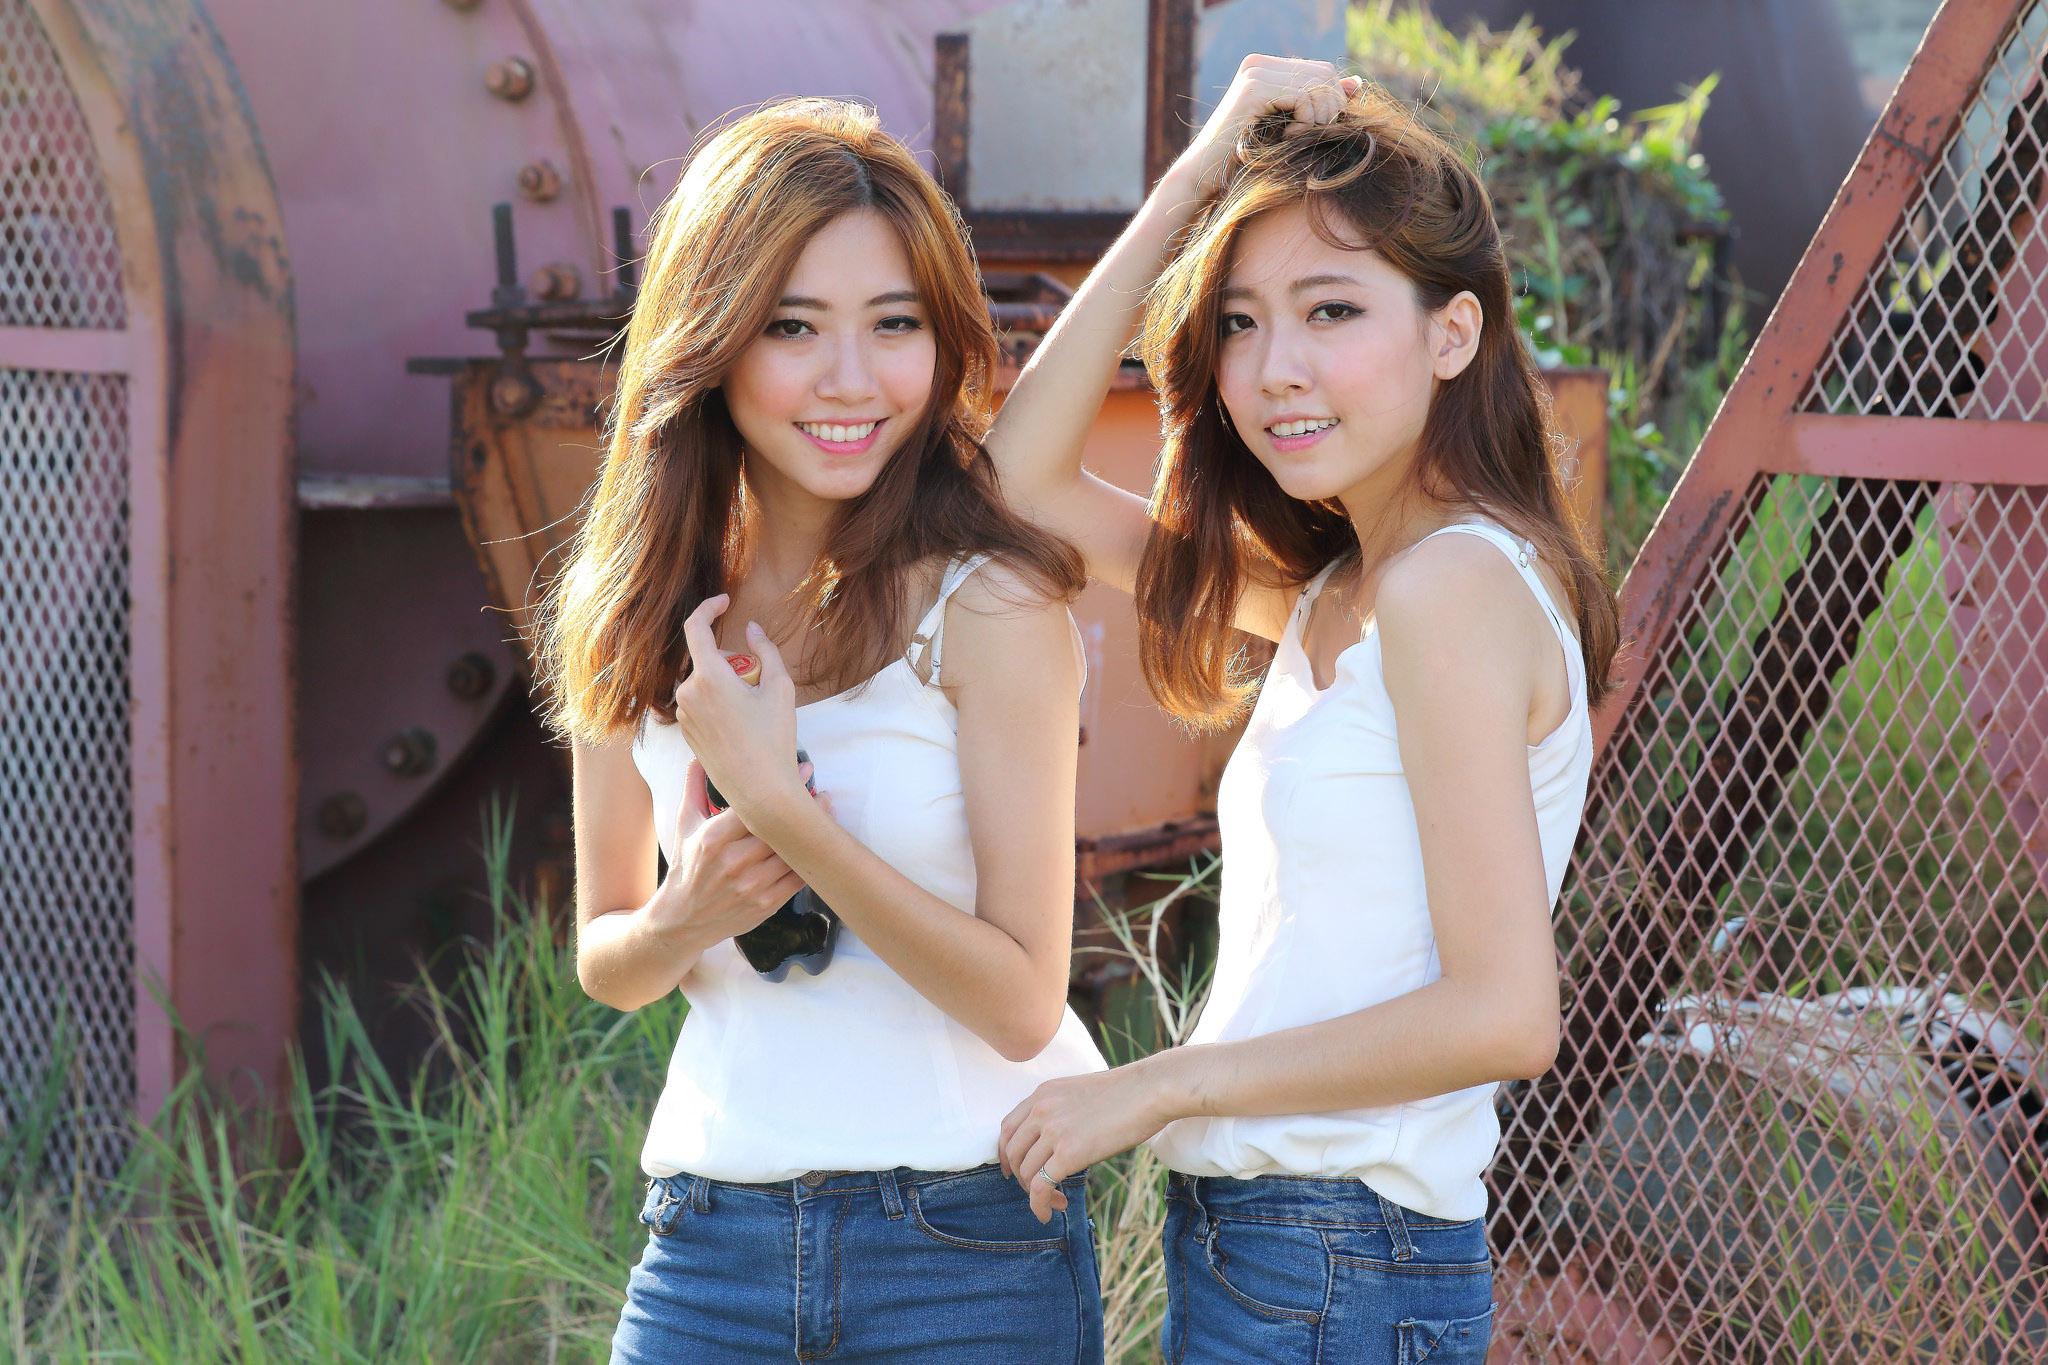 双生姐妹 大小乔 - 青梅酒女 - 青梅酒女的博客